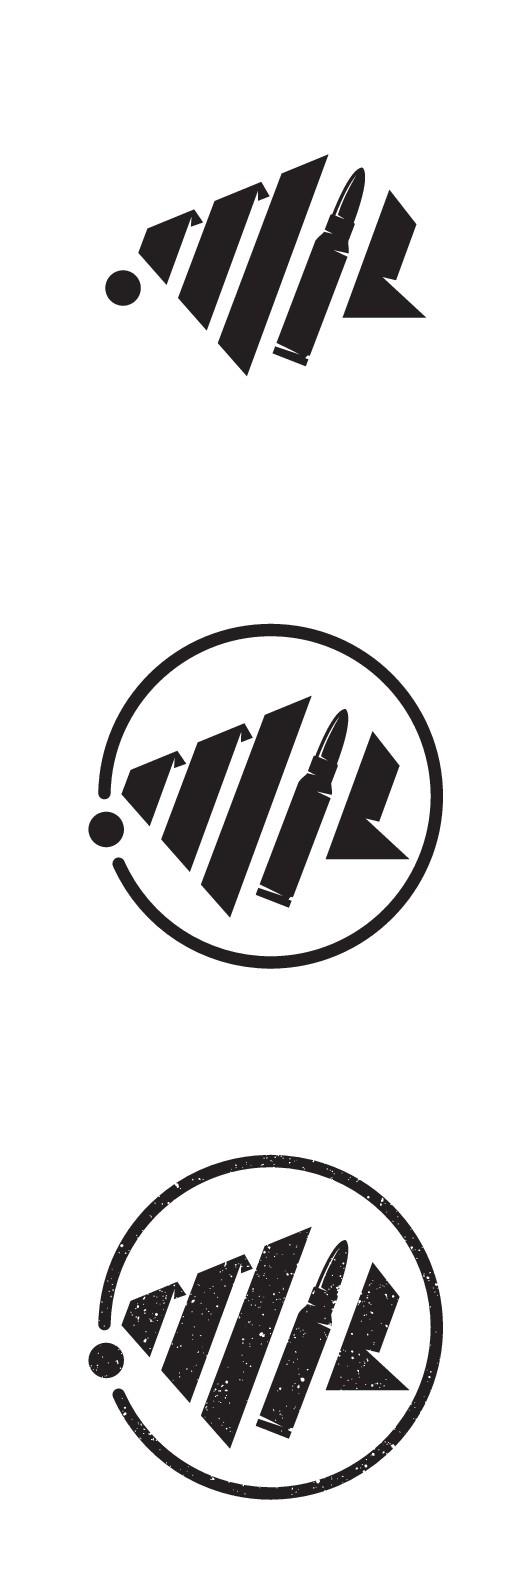 Design a fitness apparel brand logo